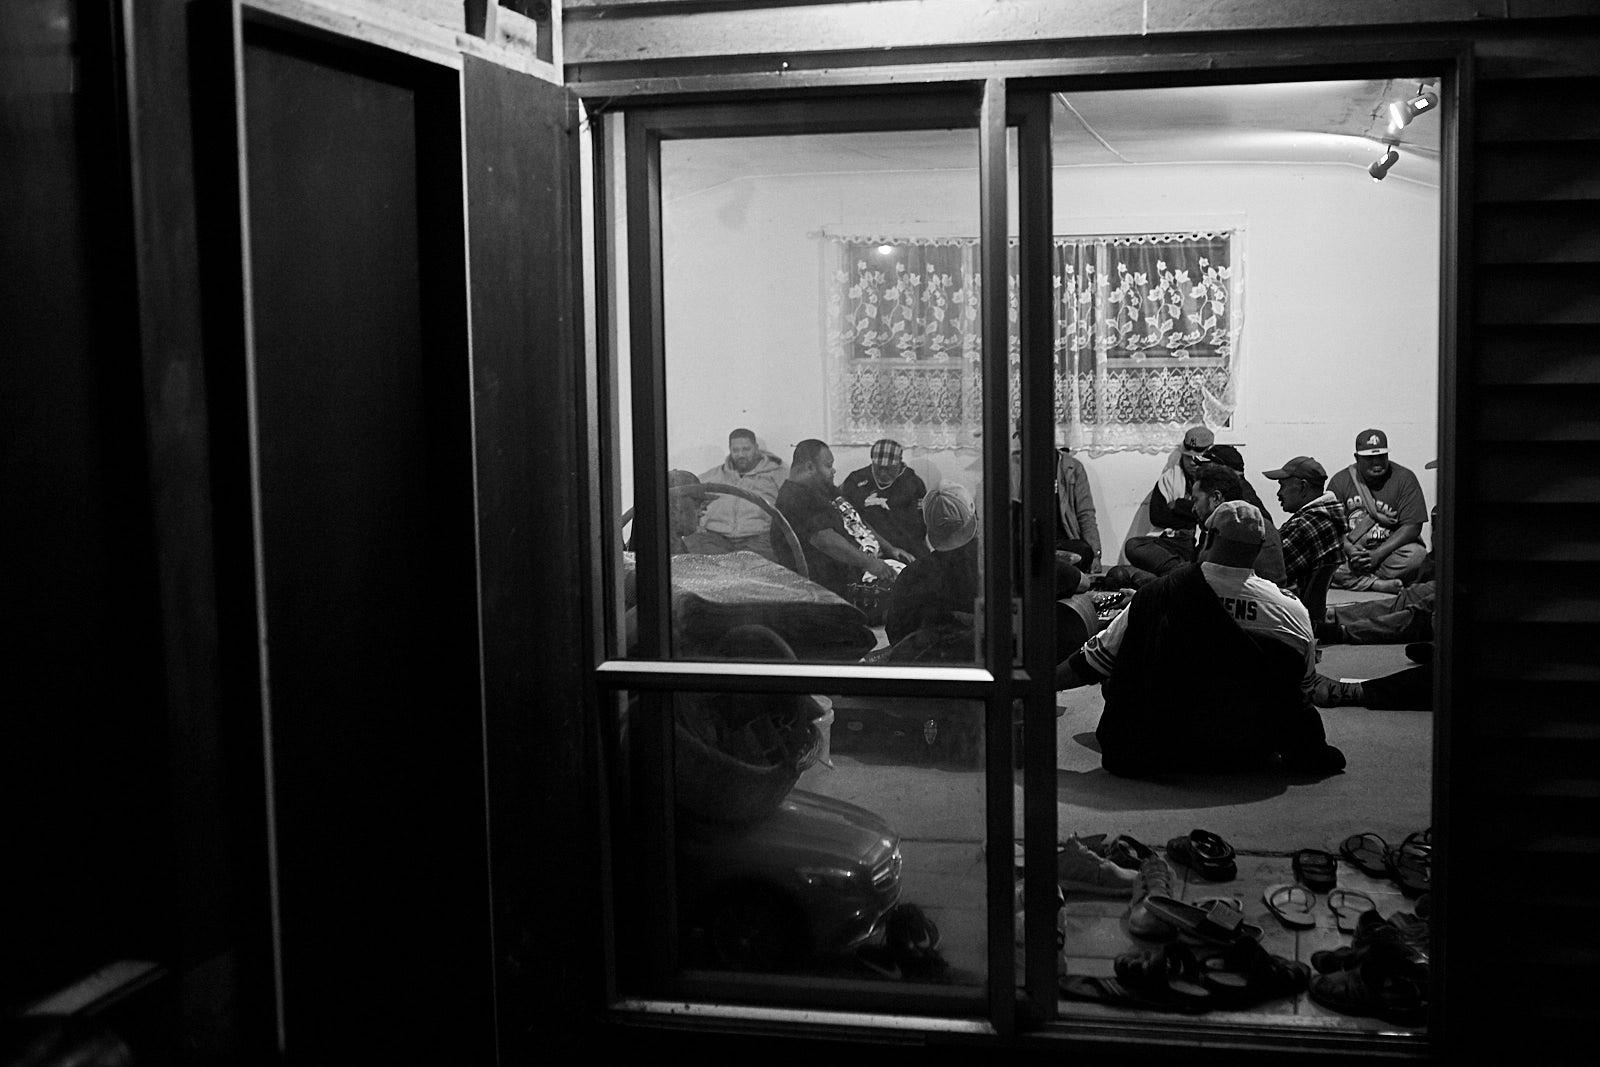 Lelaki berkumpul dalam sebuah ruangan untuk menikmati kava